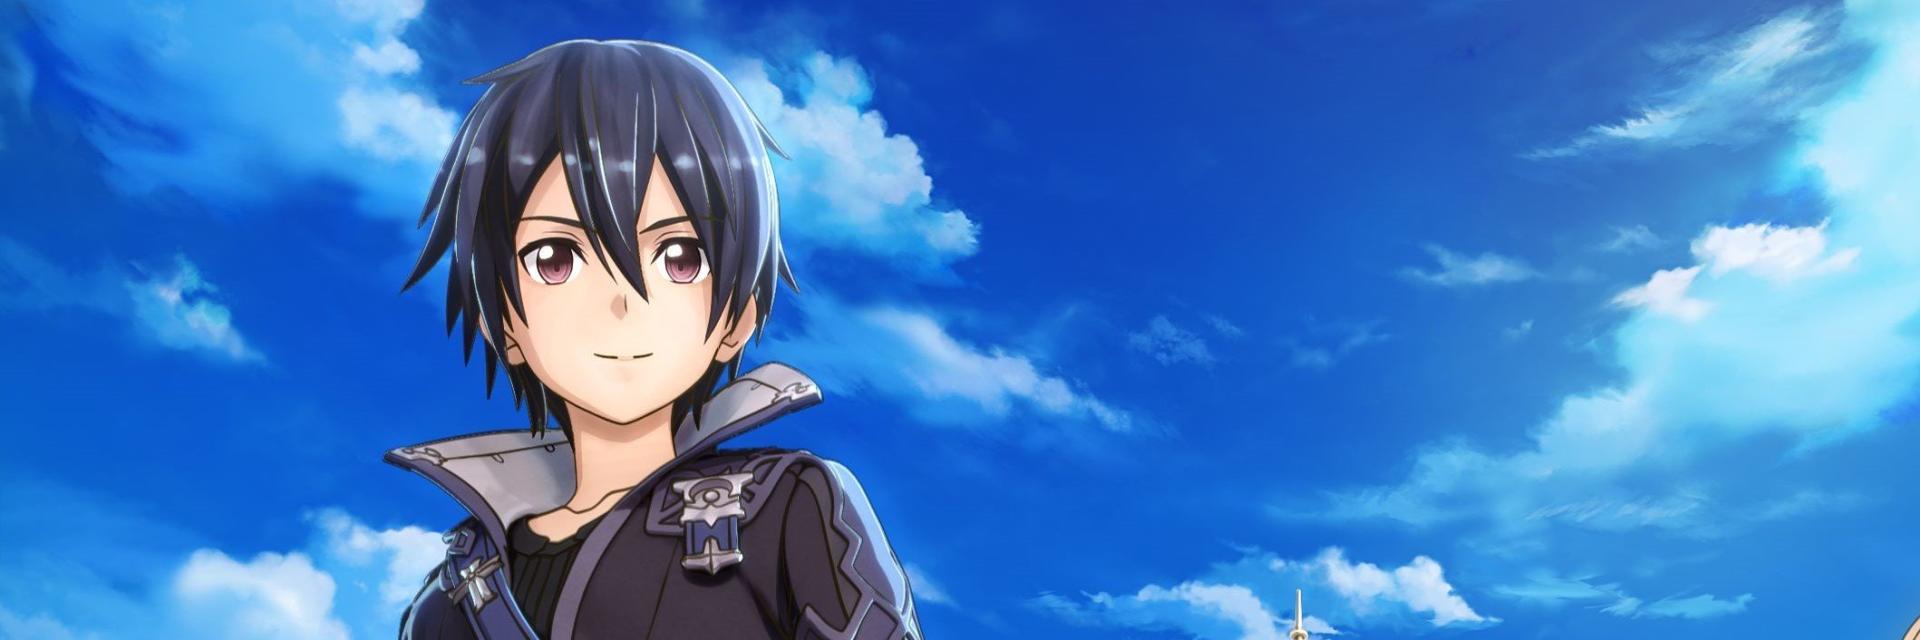 La majeure partie de l'intrigue de« Sword Art Online» se déroule dans un jeu vidéo.